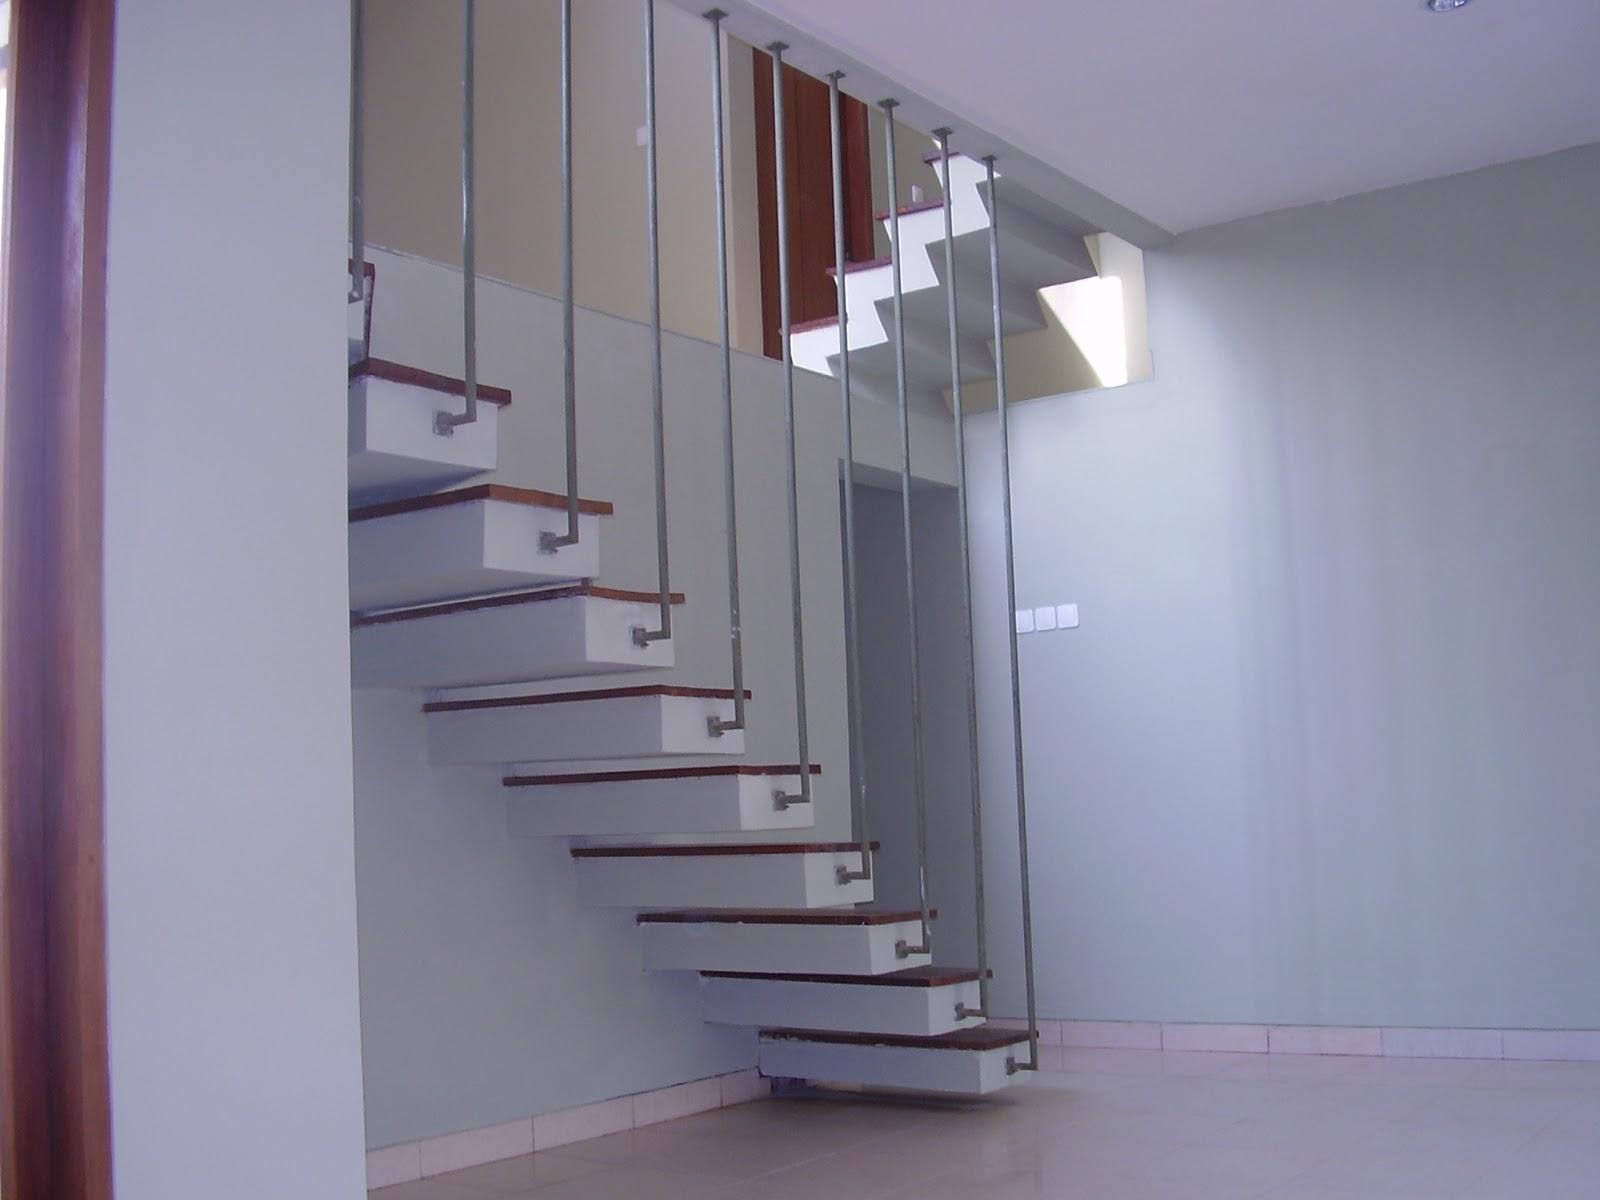 Arsitektur Interior Kontraktor Konsultan: Rumah Bumi ...